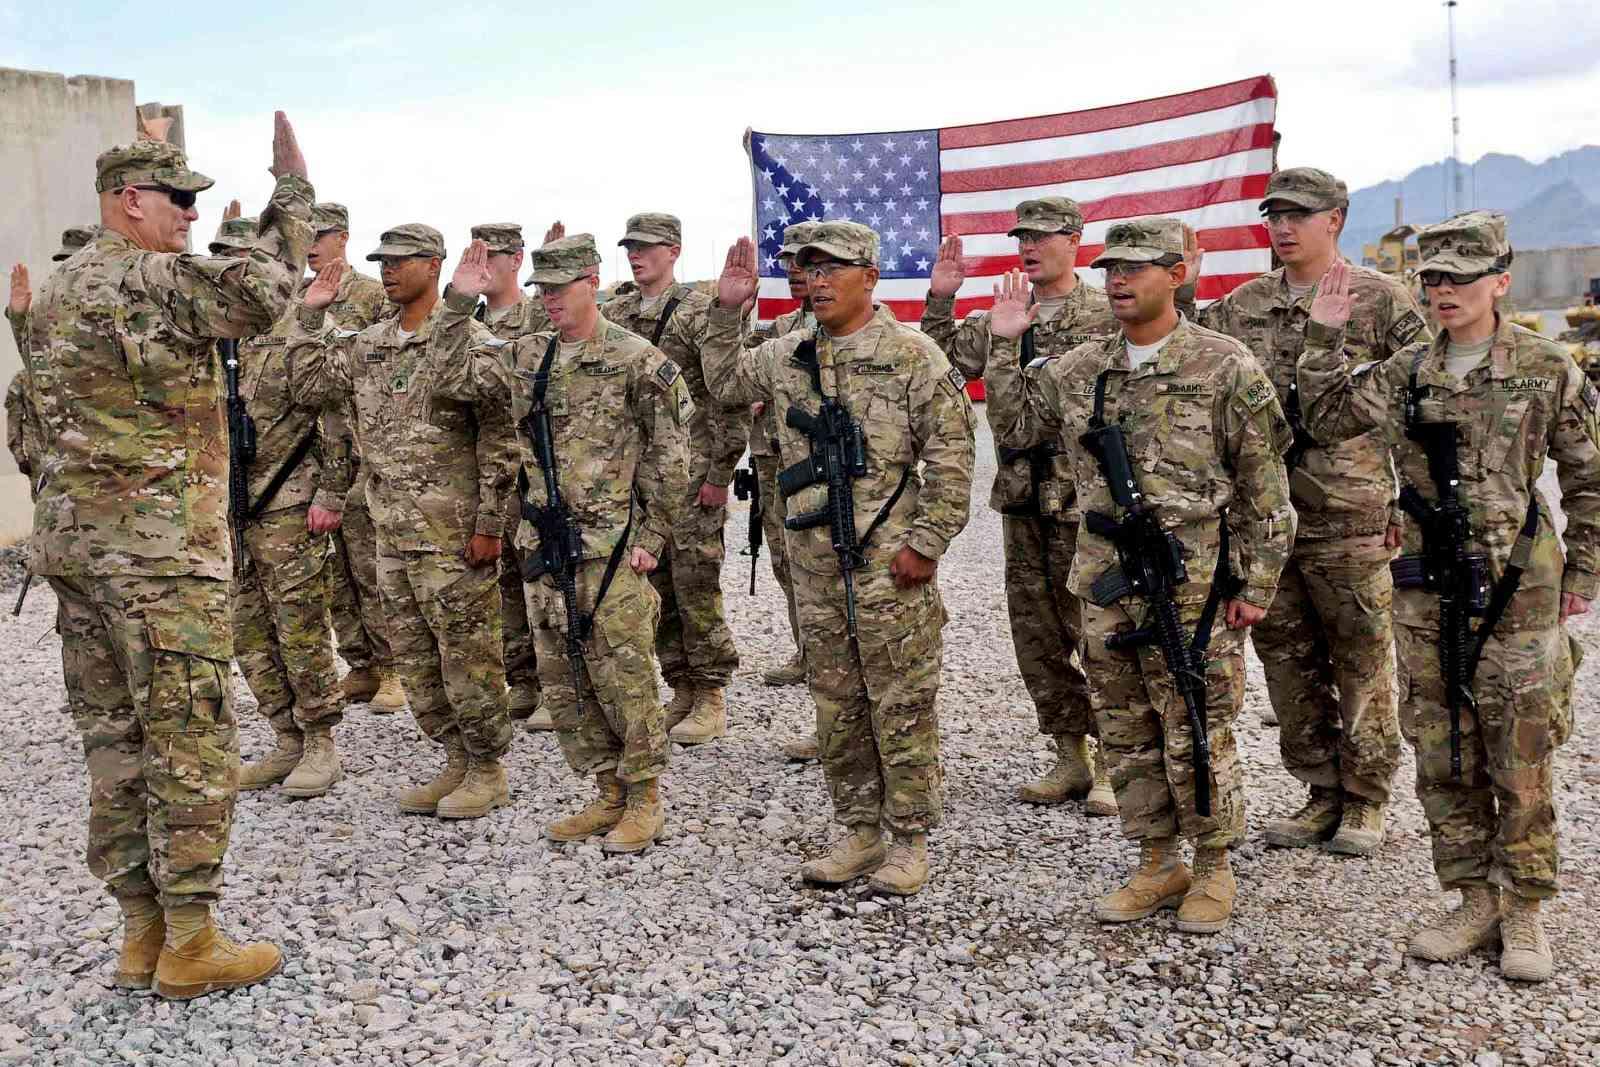 Оборонный бюджет США: огромные суммы на сопротивление Российской Федерации